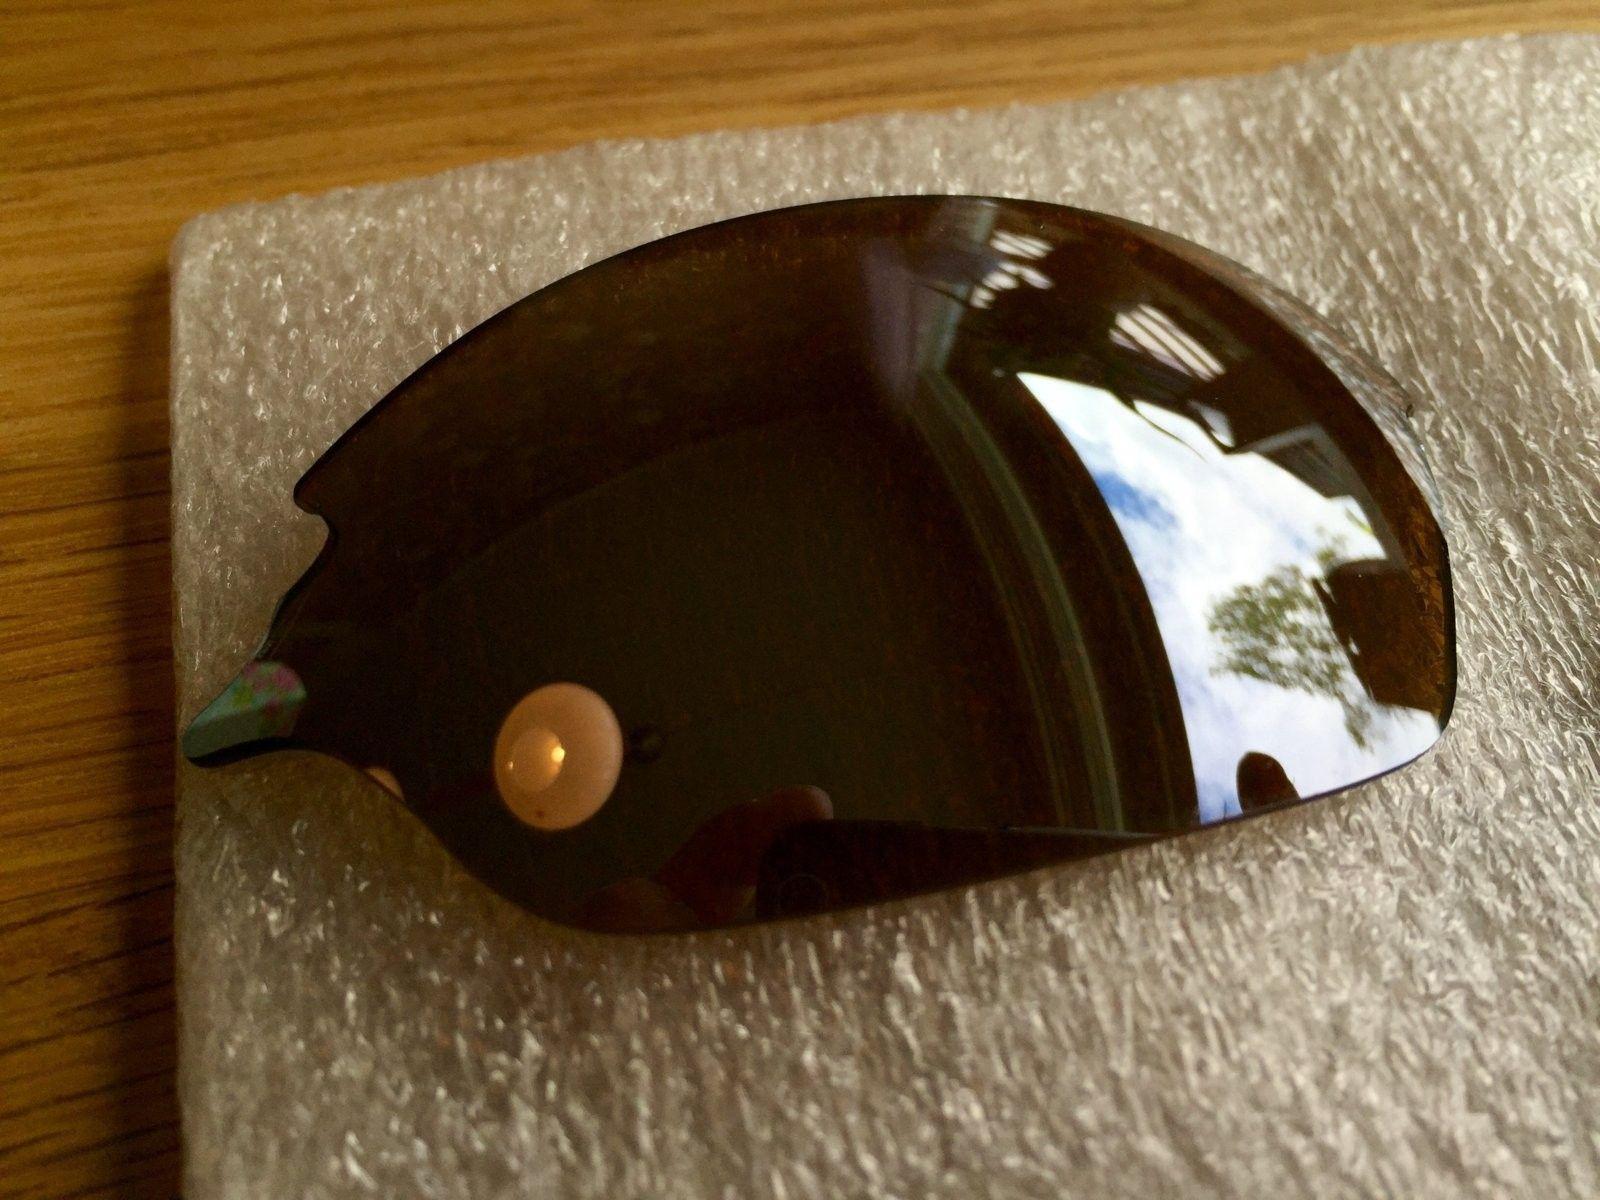 Romeo 2 Original Titanium Lenses Mint - image.jpeg